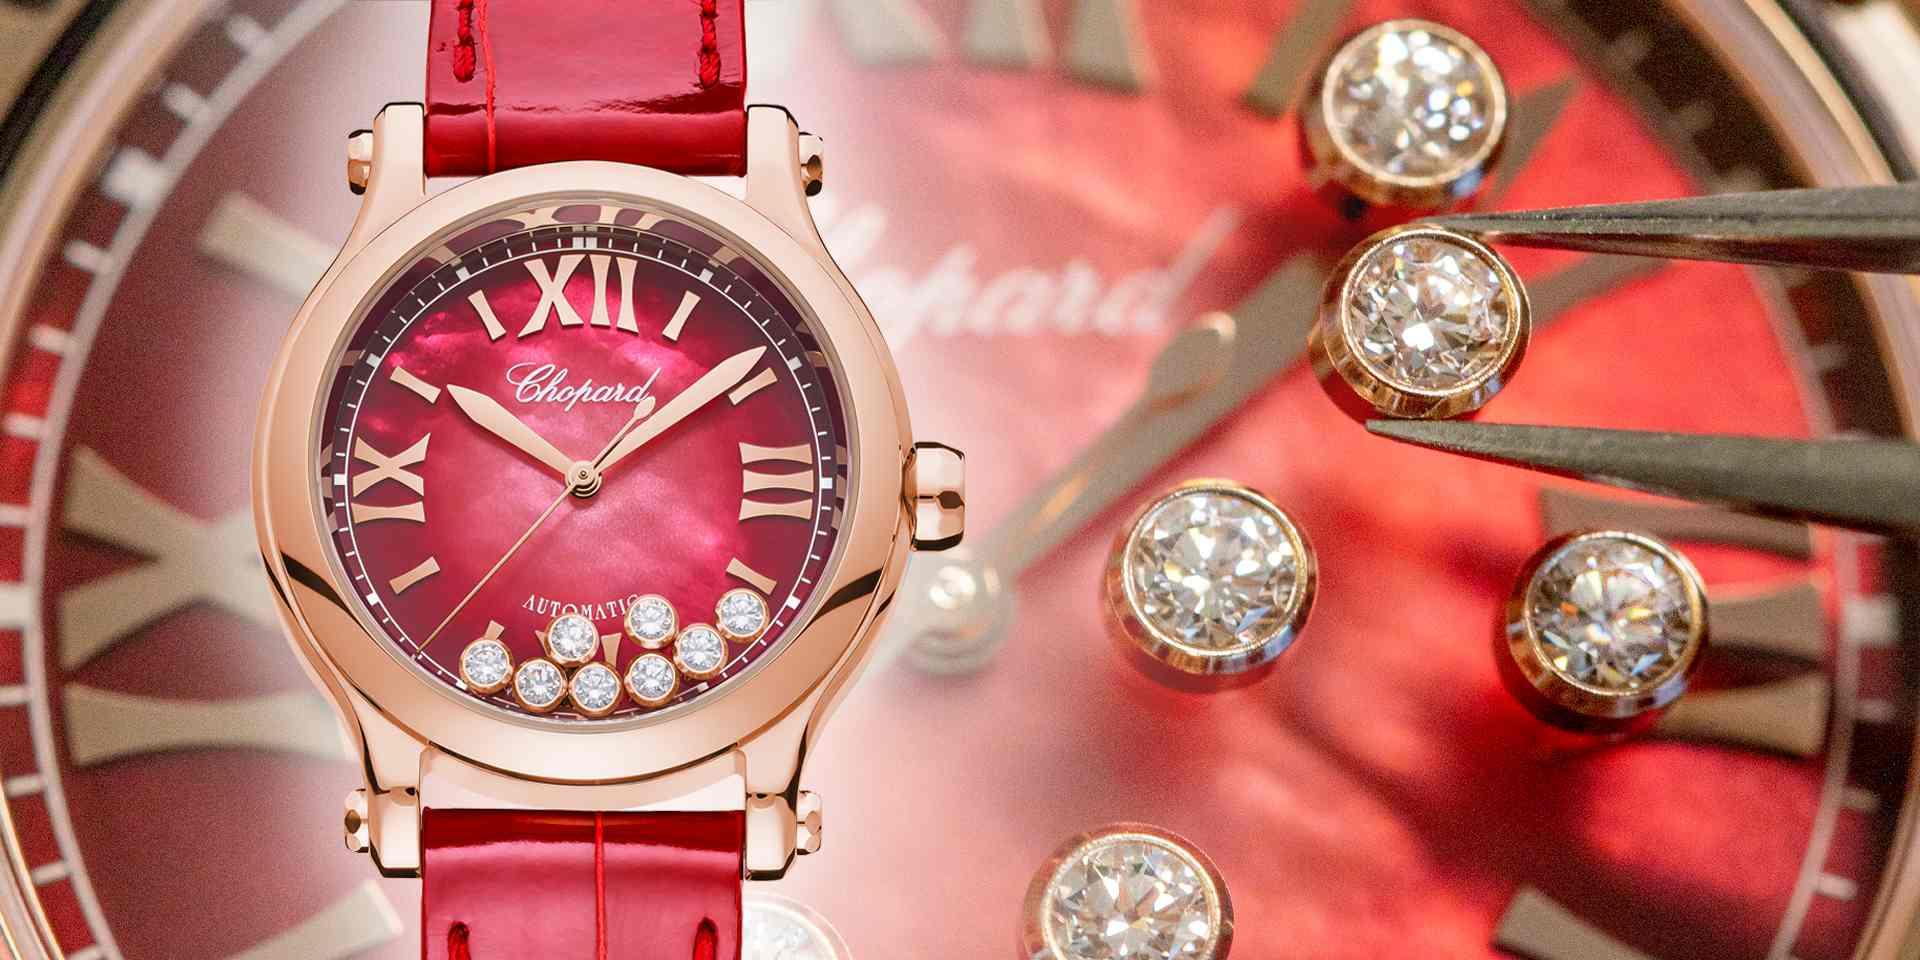 幸運數字「8」開啟迎春納福的吉祥寓意:蕭邦Happy Sport腕錶